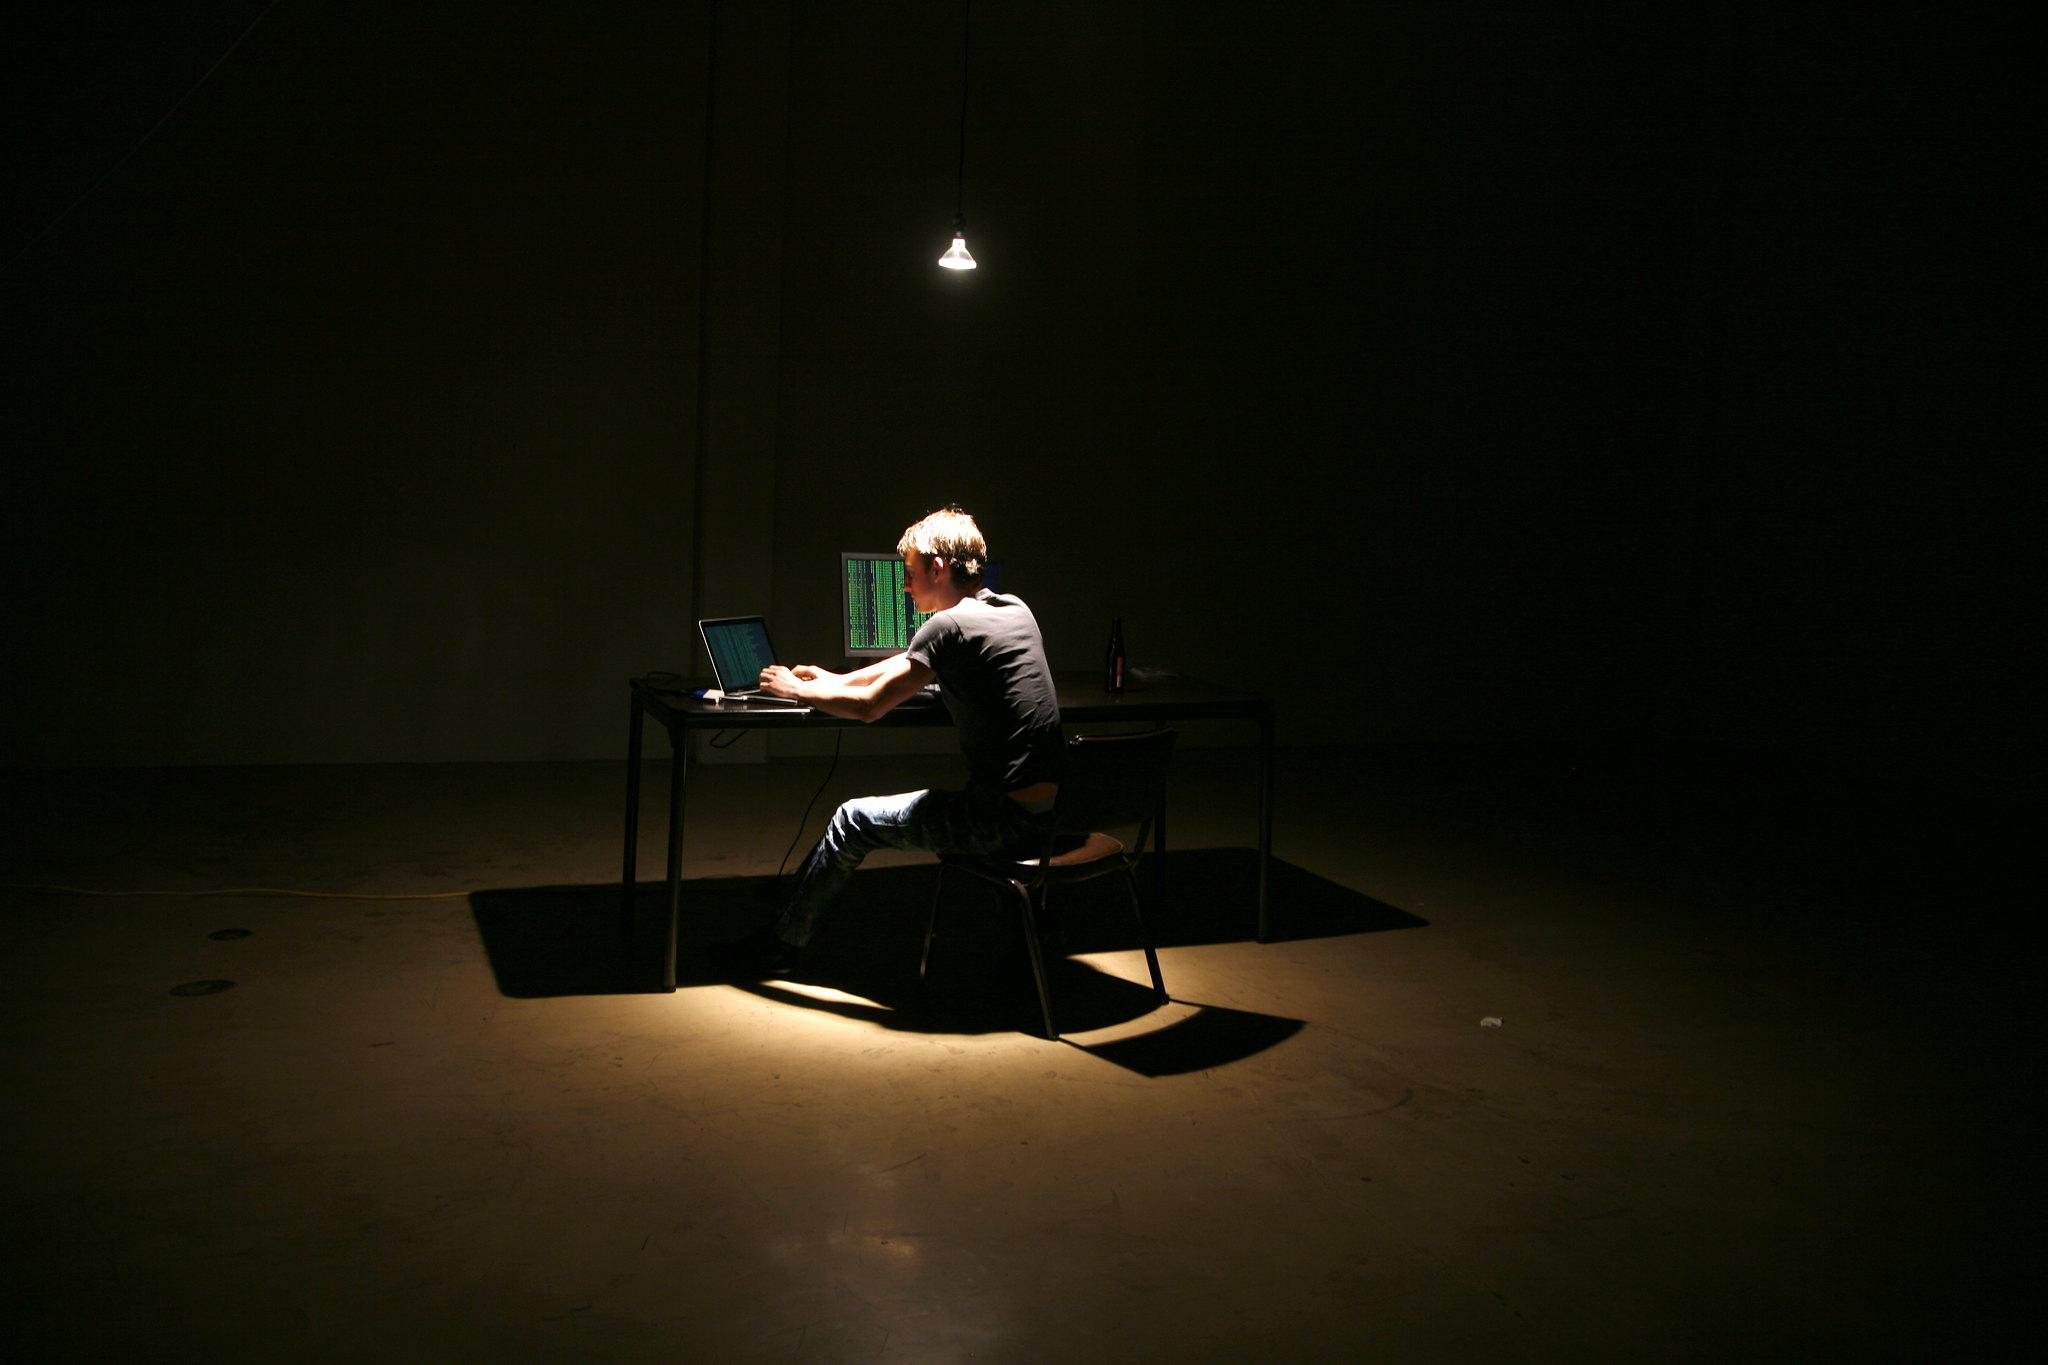 Lone Hacker in Warehouse